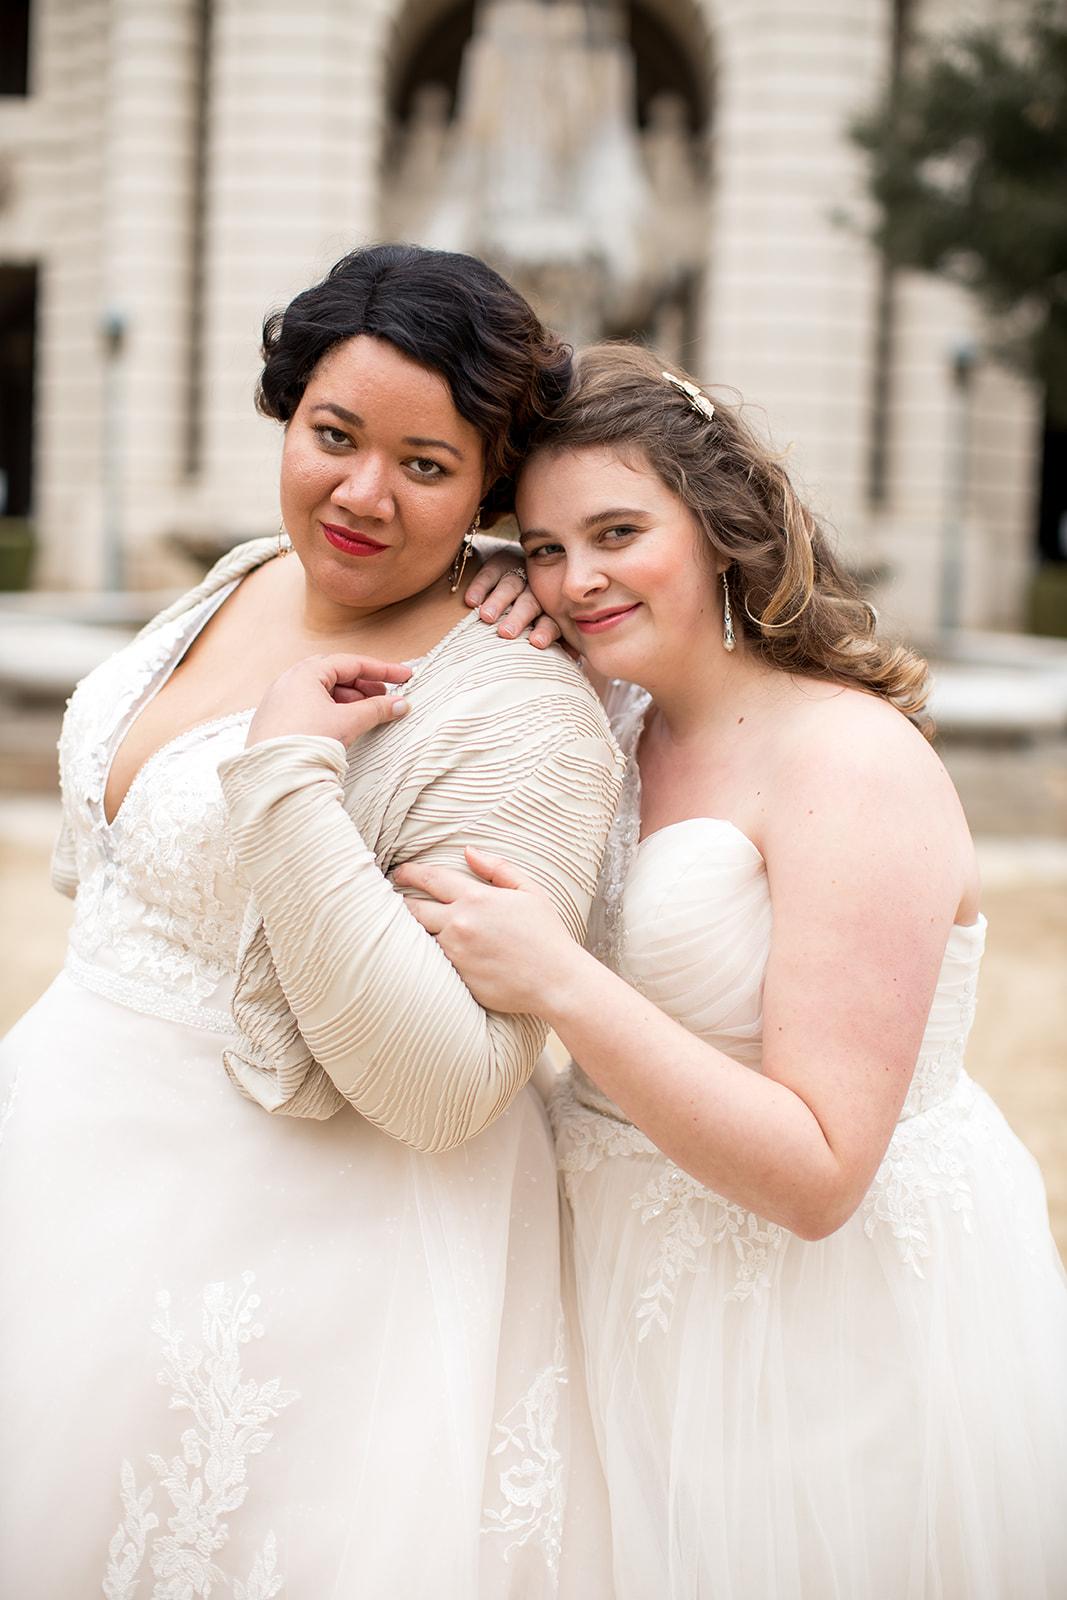 Beatrice & Indigo's Tulle Wedding Dresses